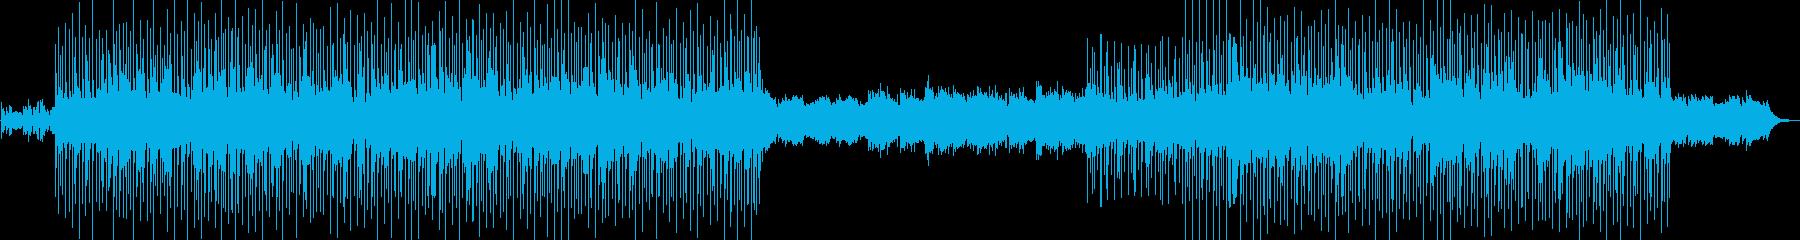 おしゃれで爽やかなドライブミュージックの再生済みの波形